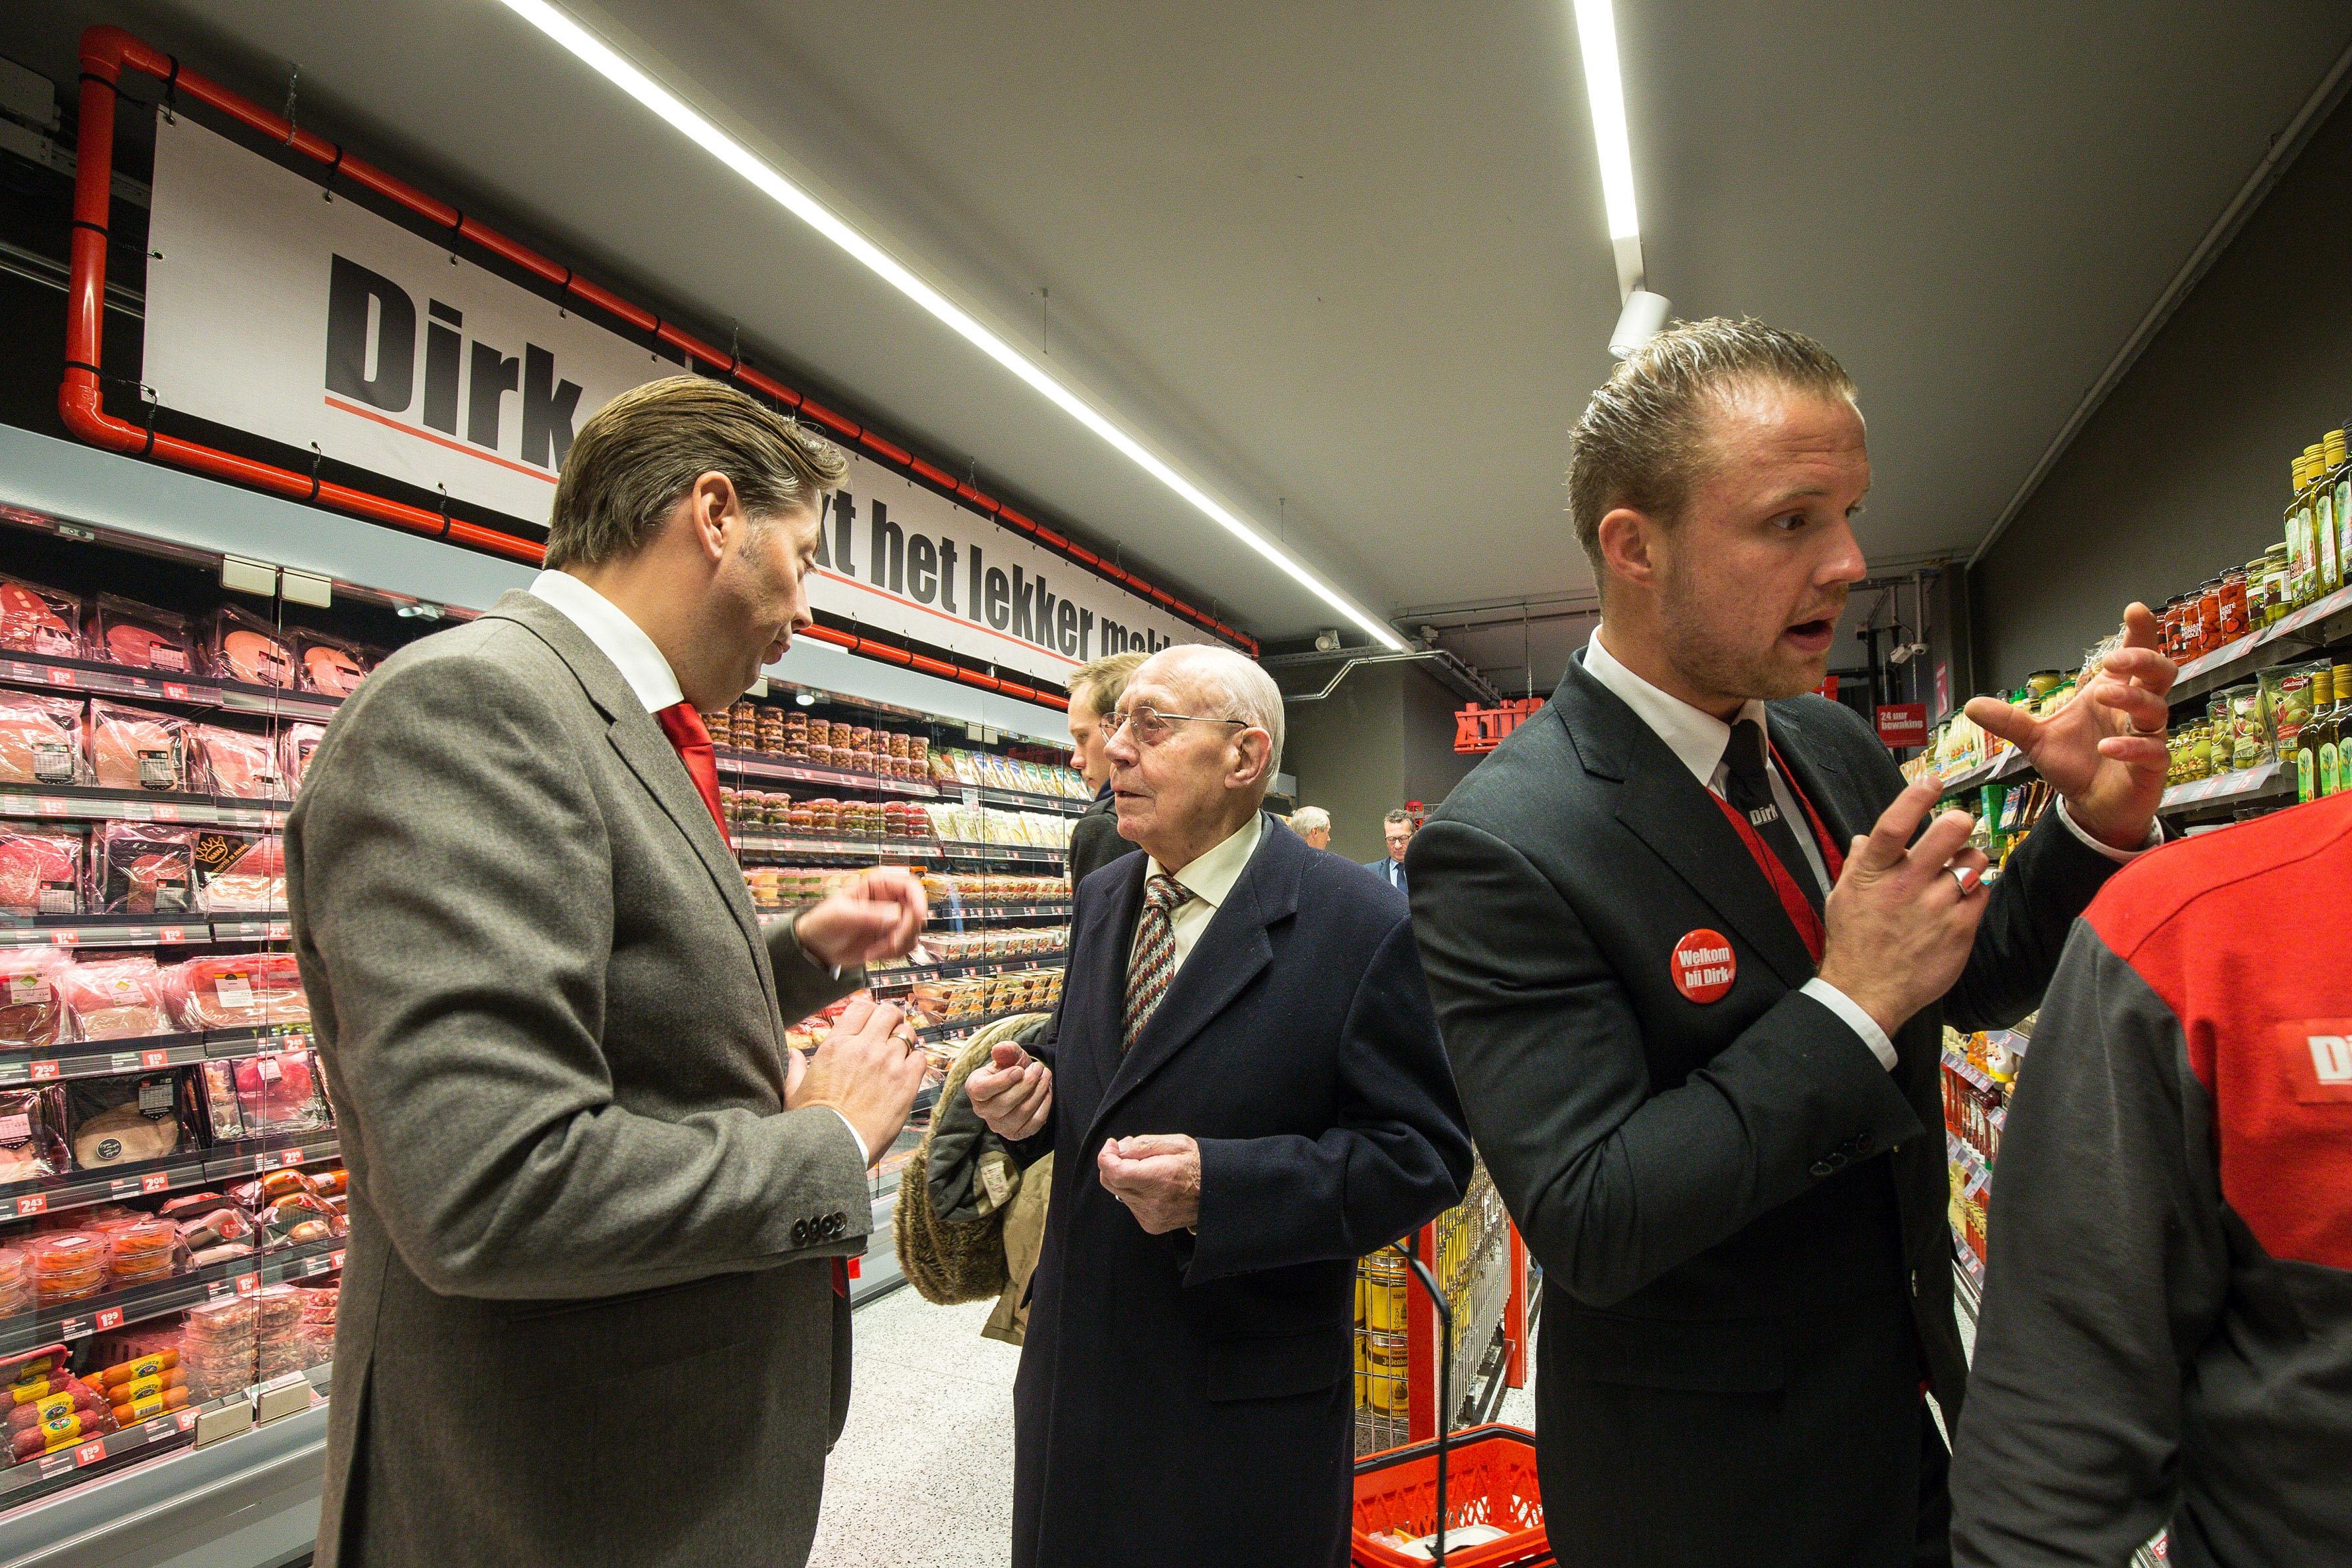 Overleg op topniveau. Links Marcel Huizing met Dirk van den Broek senior, rechts supermarktmanager Maikel van der Eng. Foto: Diederik van der Laan.